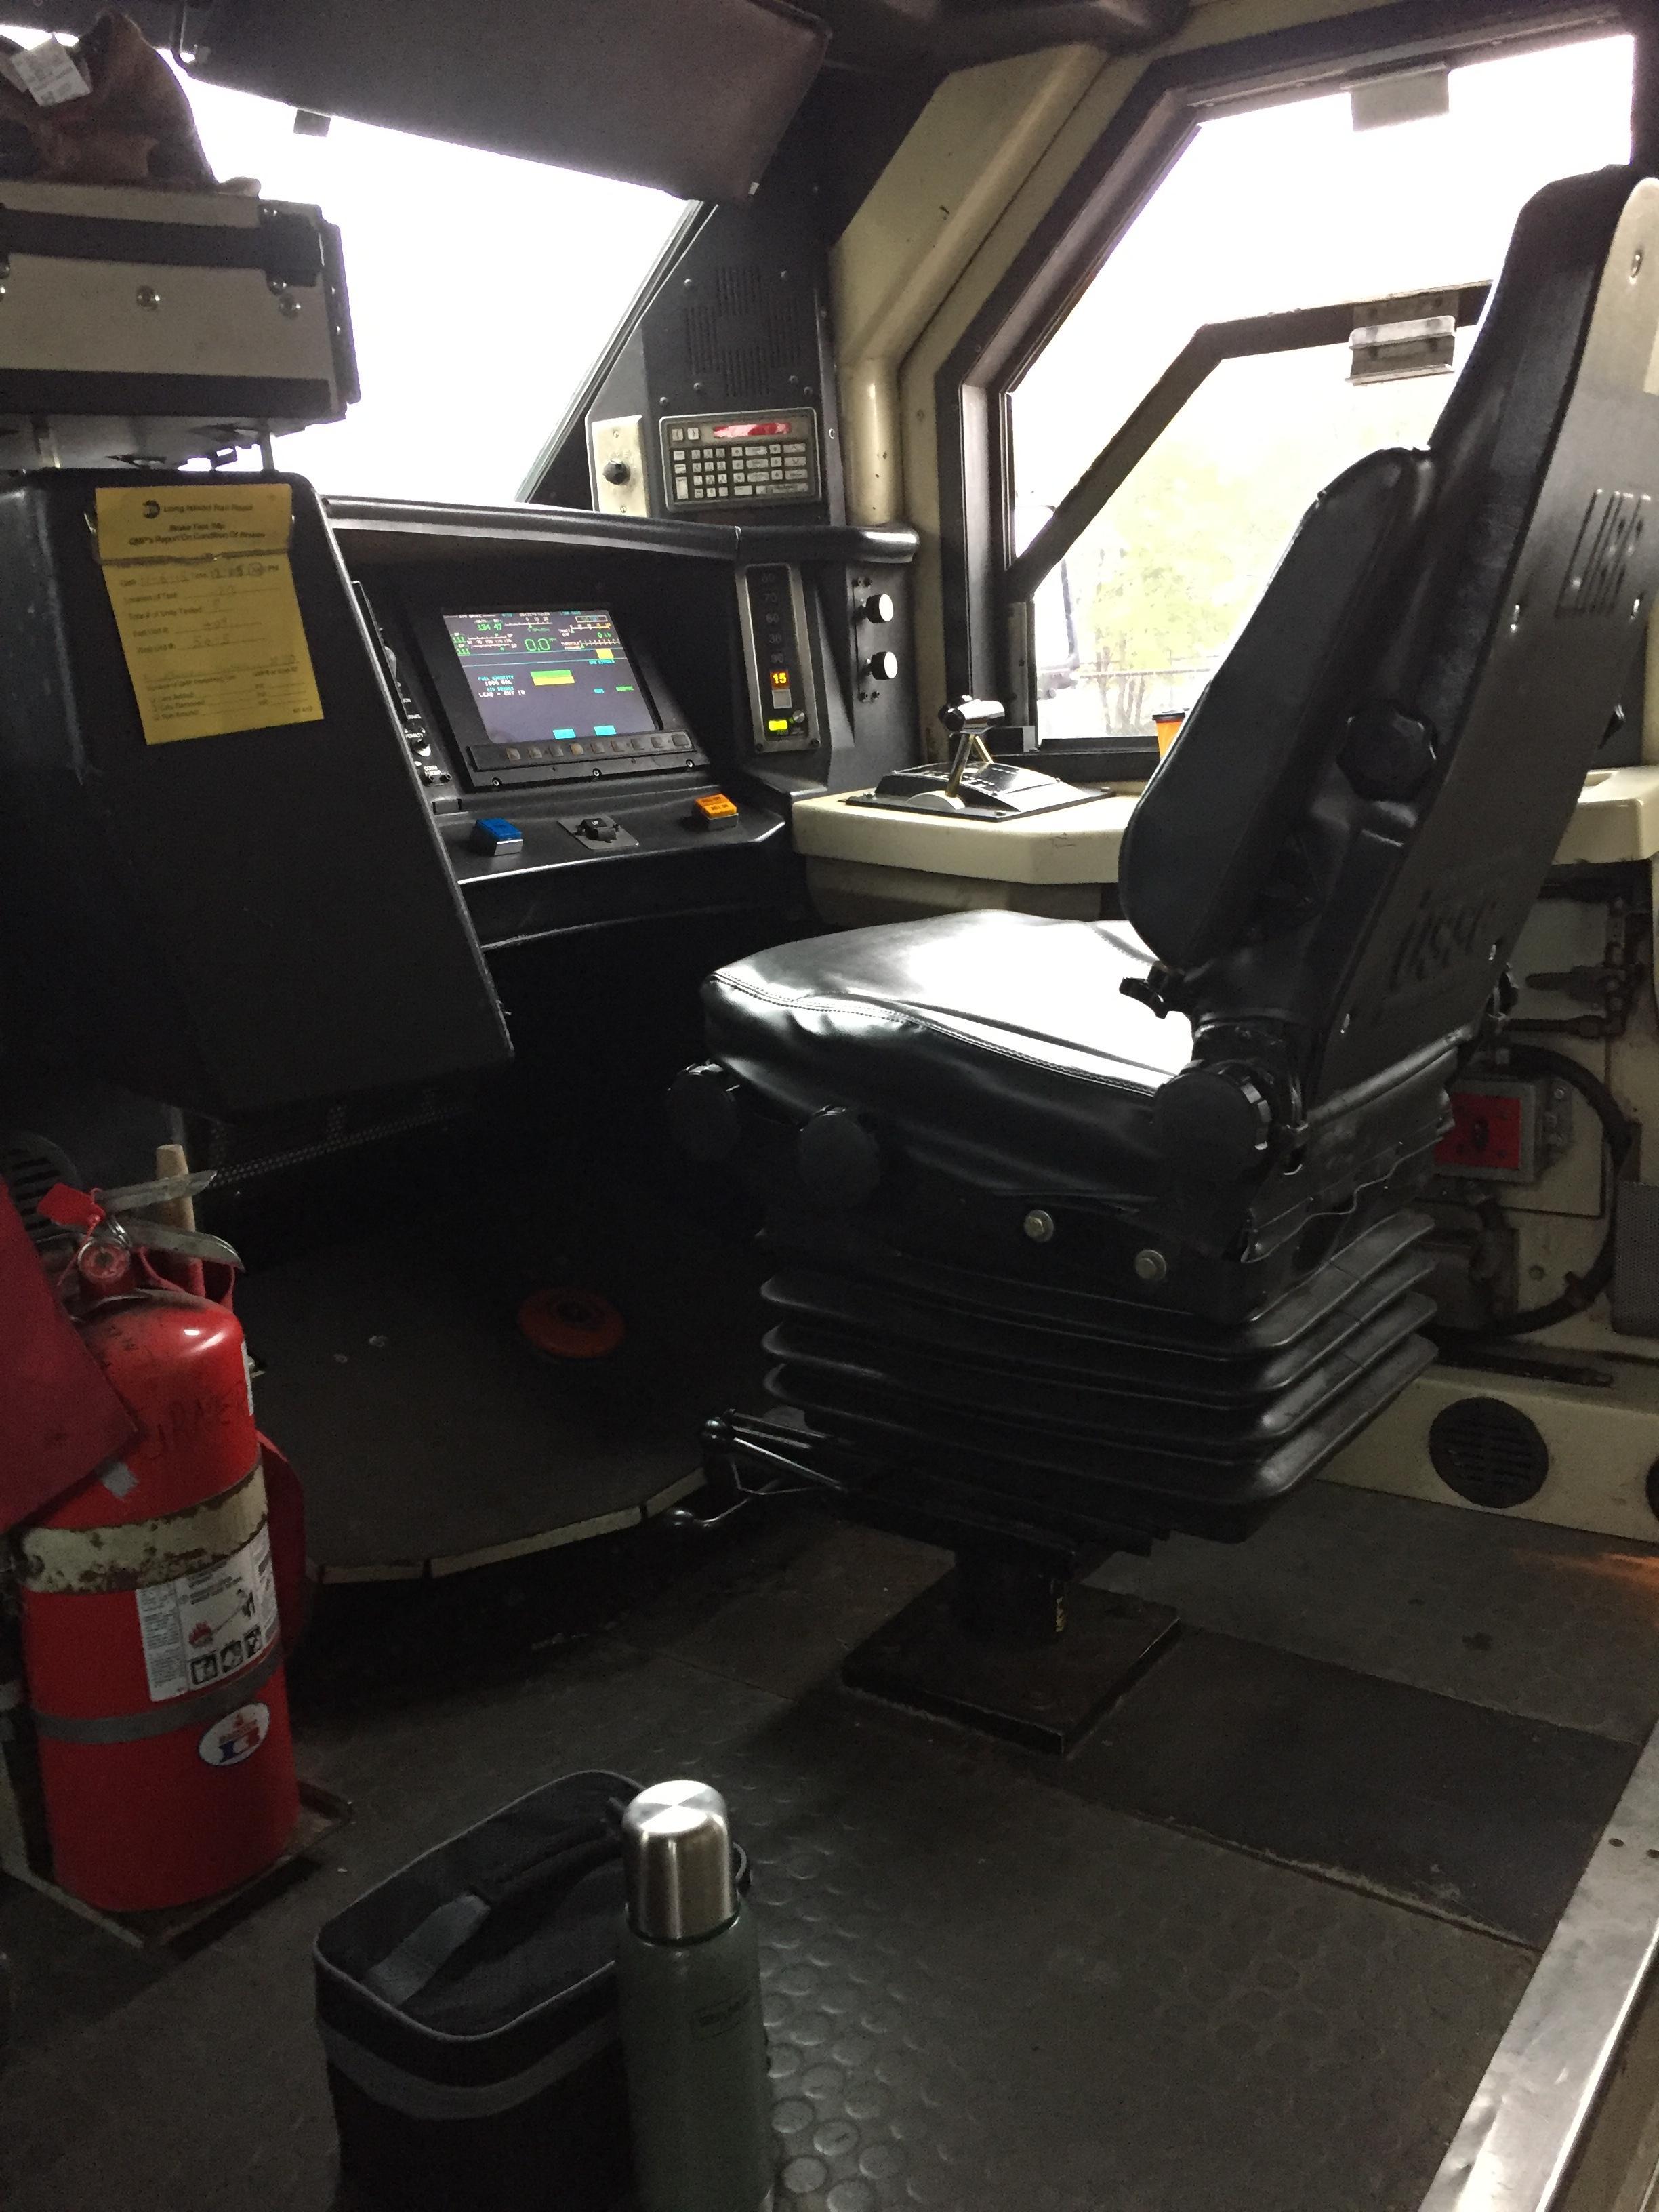 LIRR_C7_locomotive_cab_safety_hazard